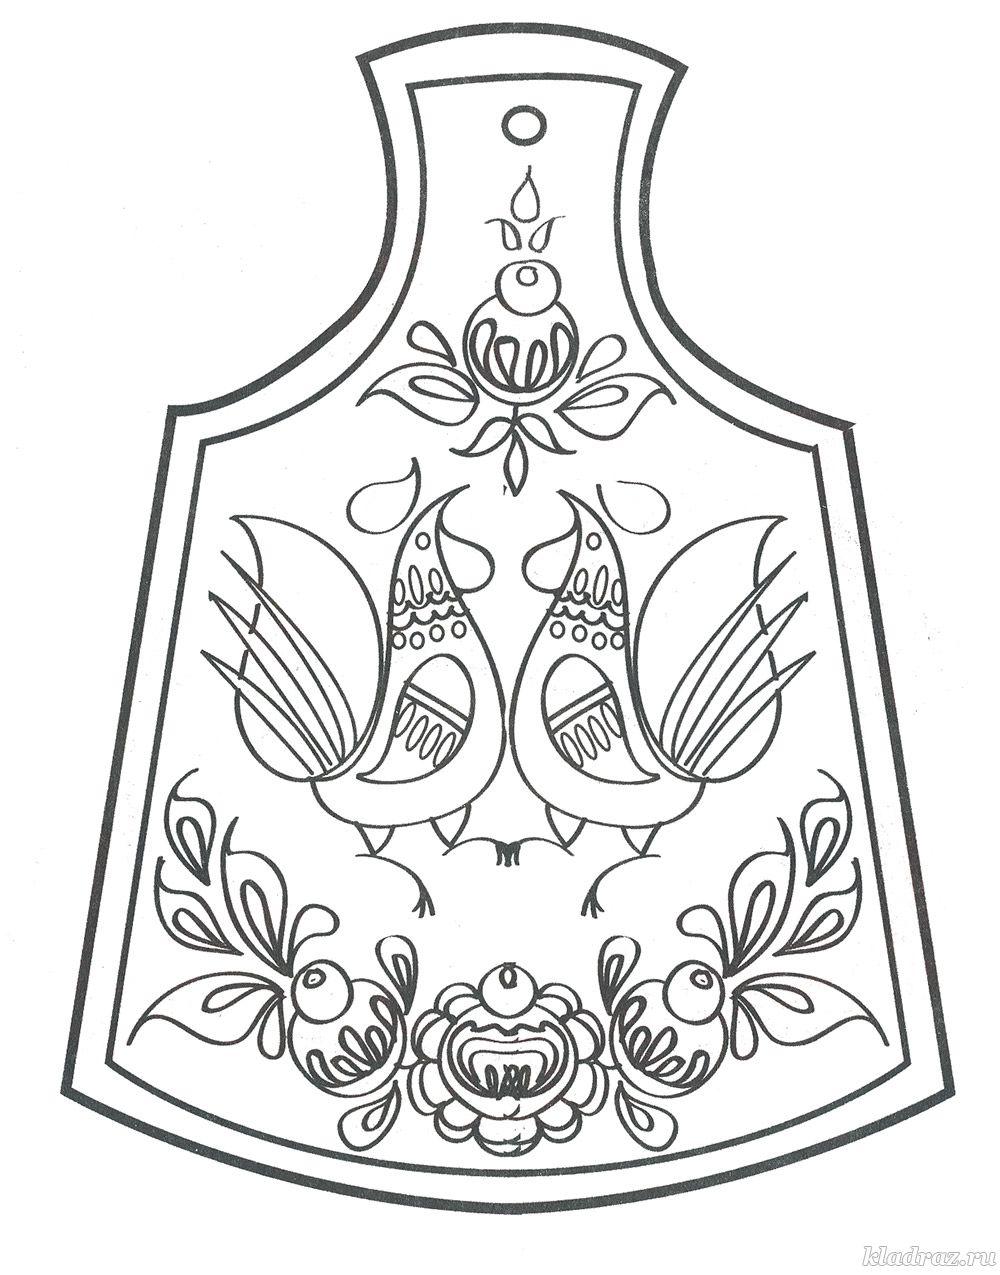 городецкая роспись на доске рисунок раскраска паховой области